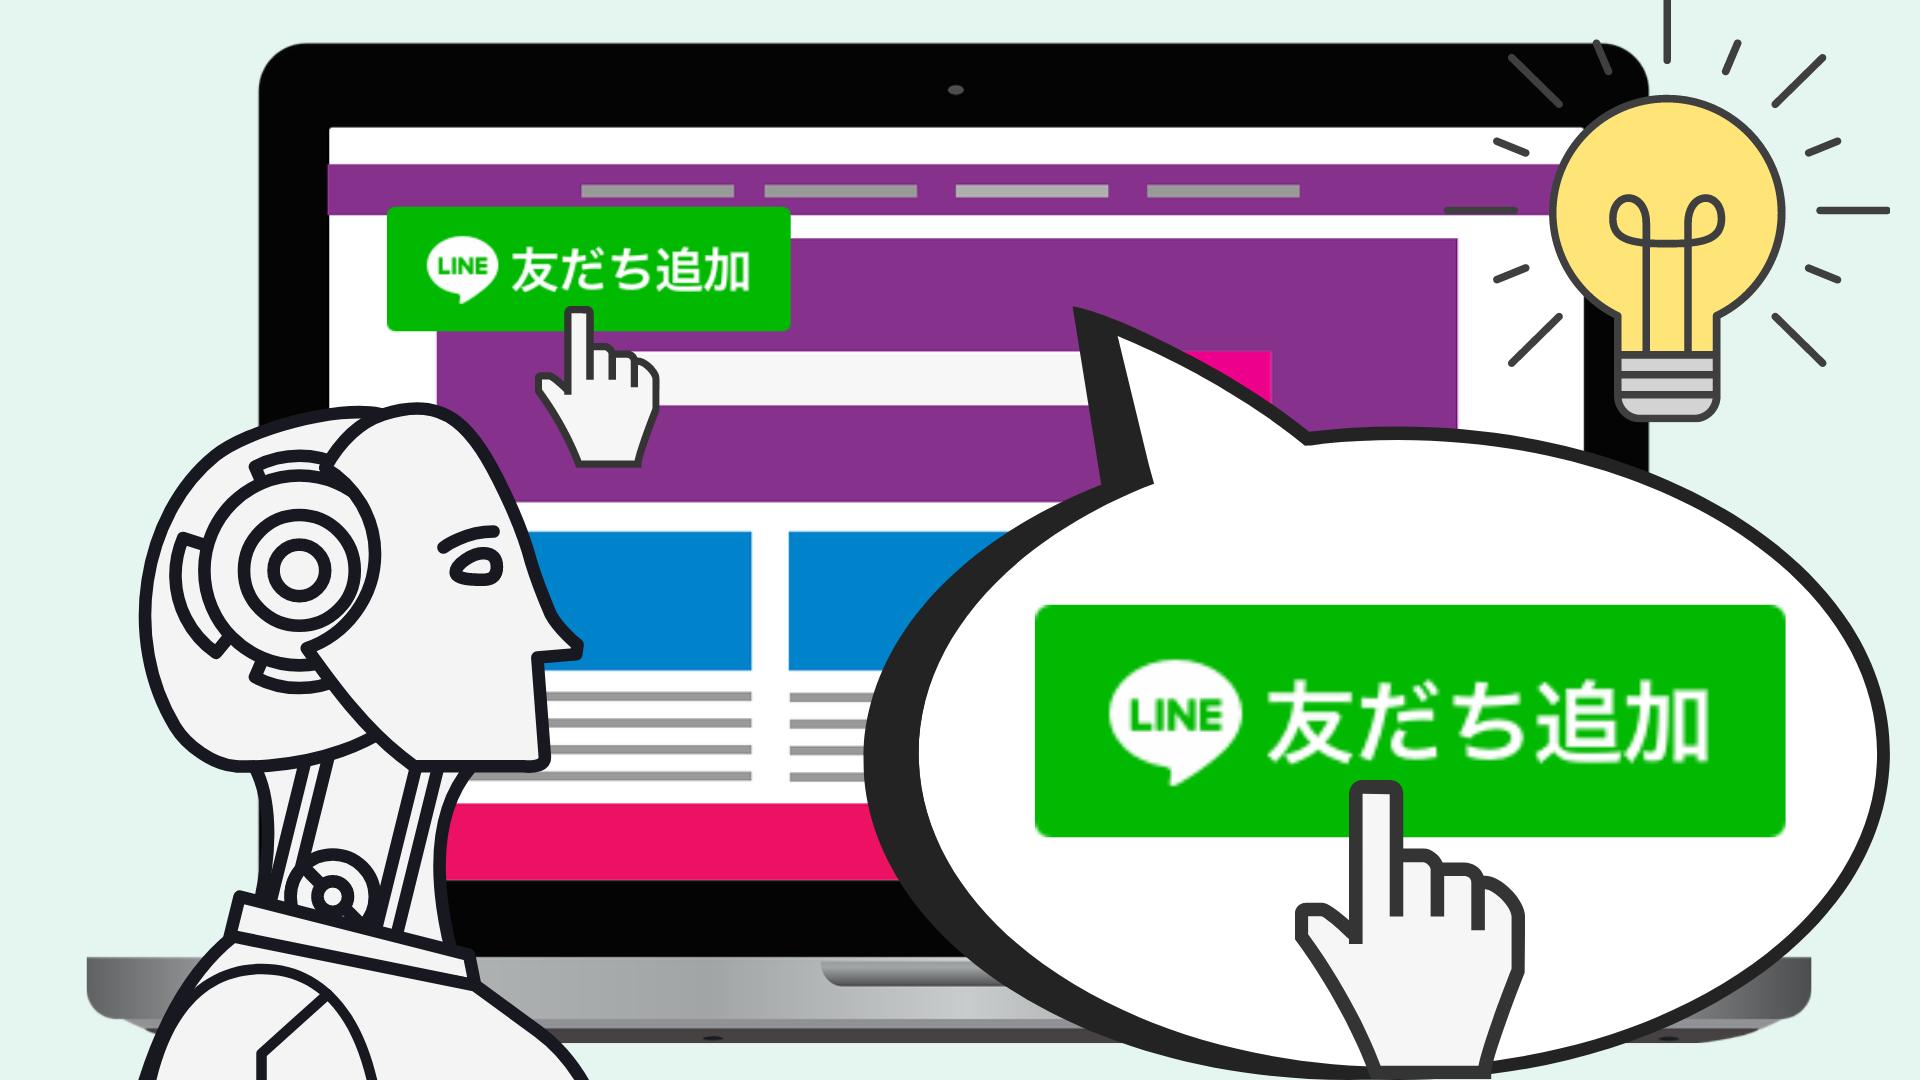 line公式アカウントの友達追加ボタンの作り方をわかりやすく解説